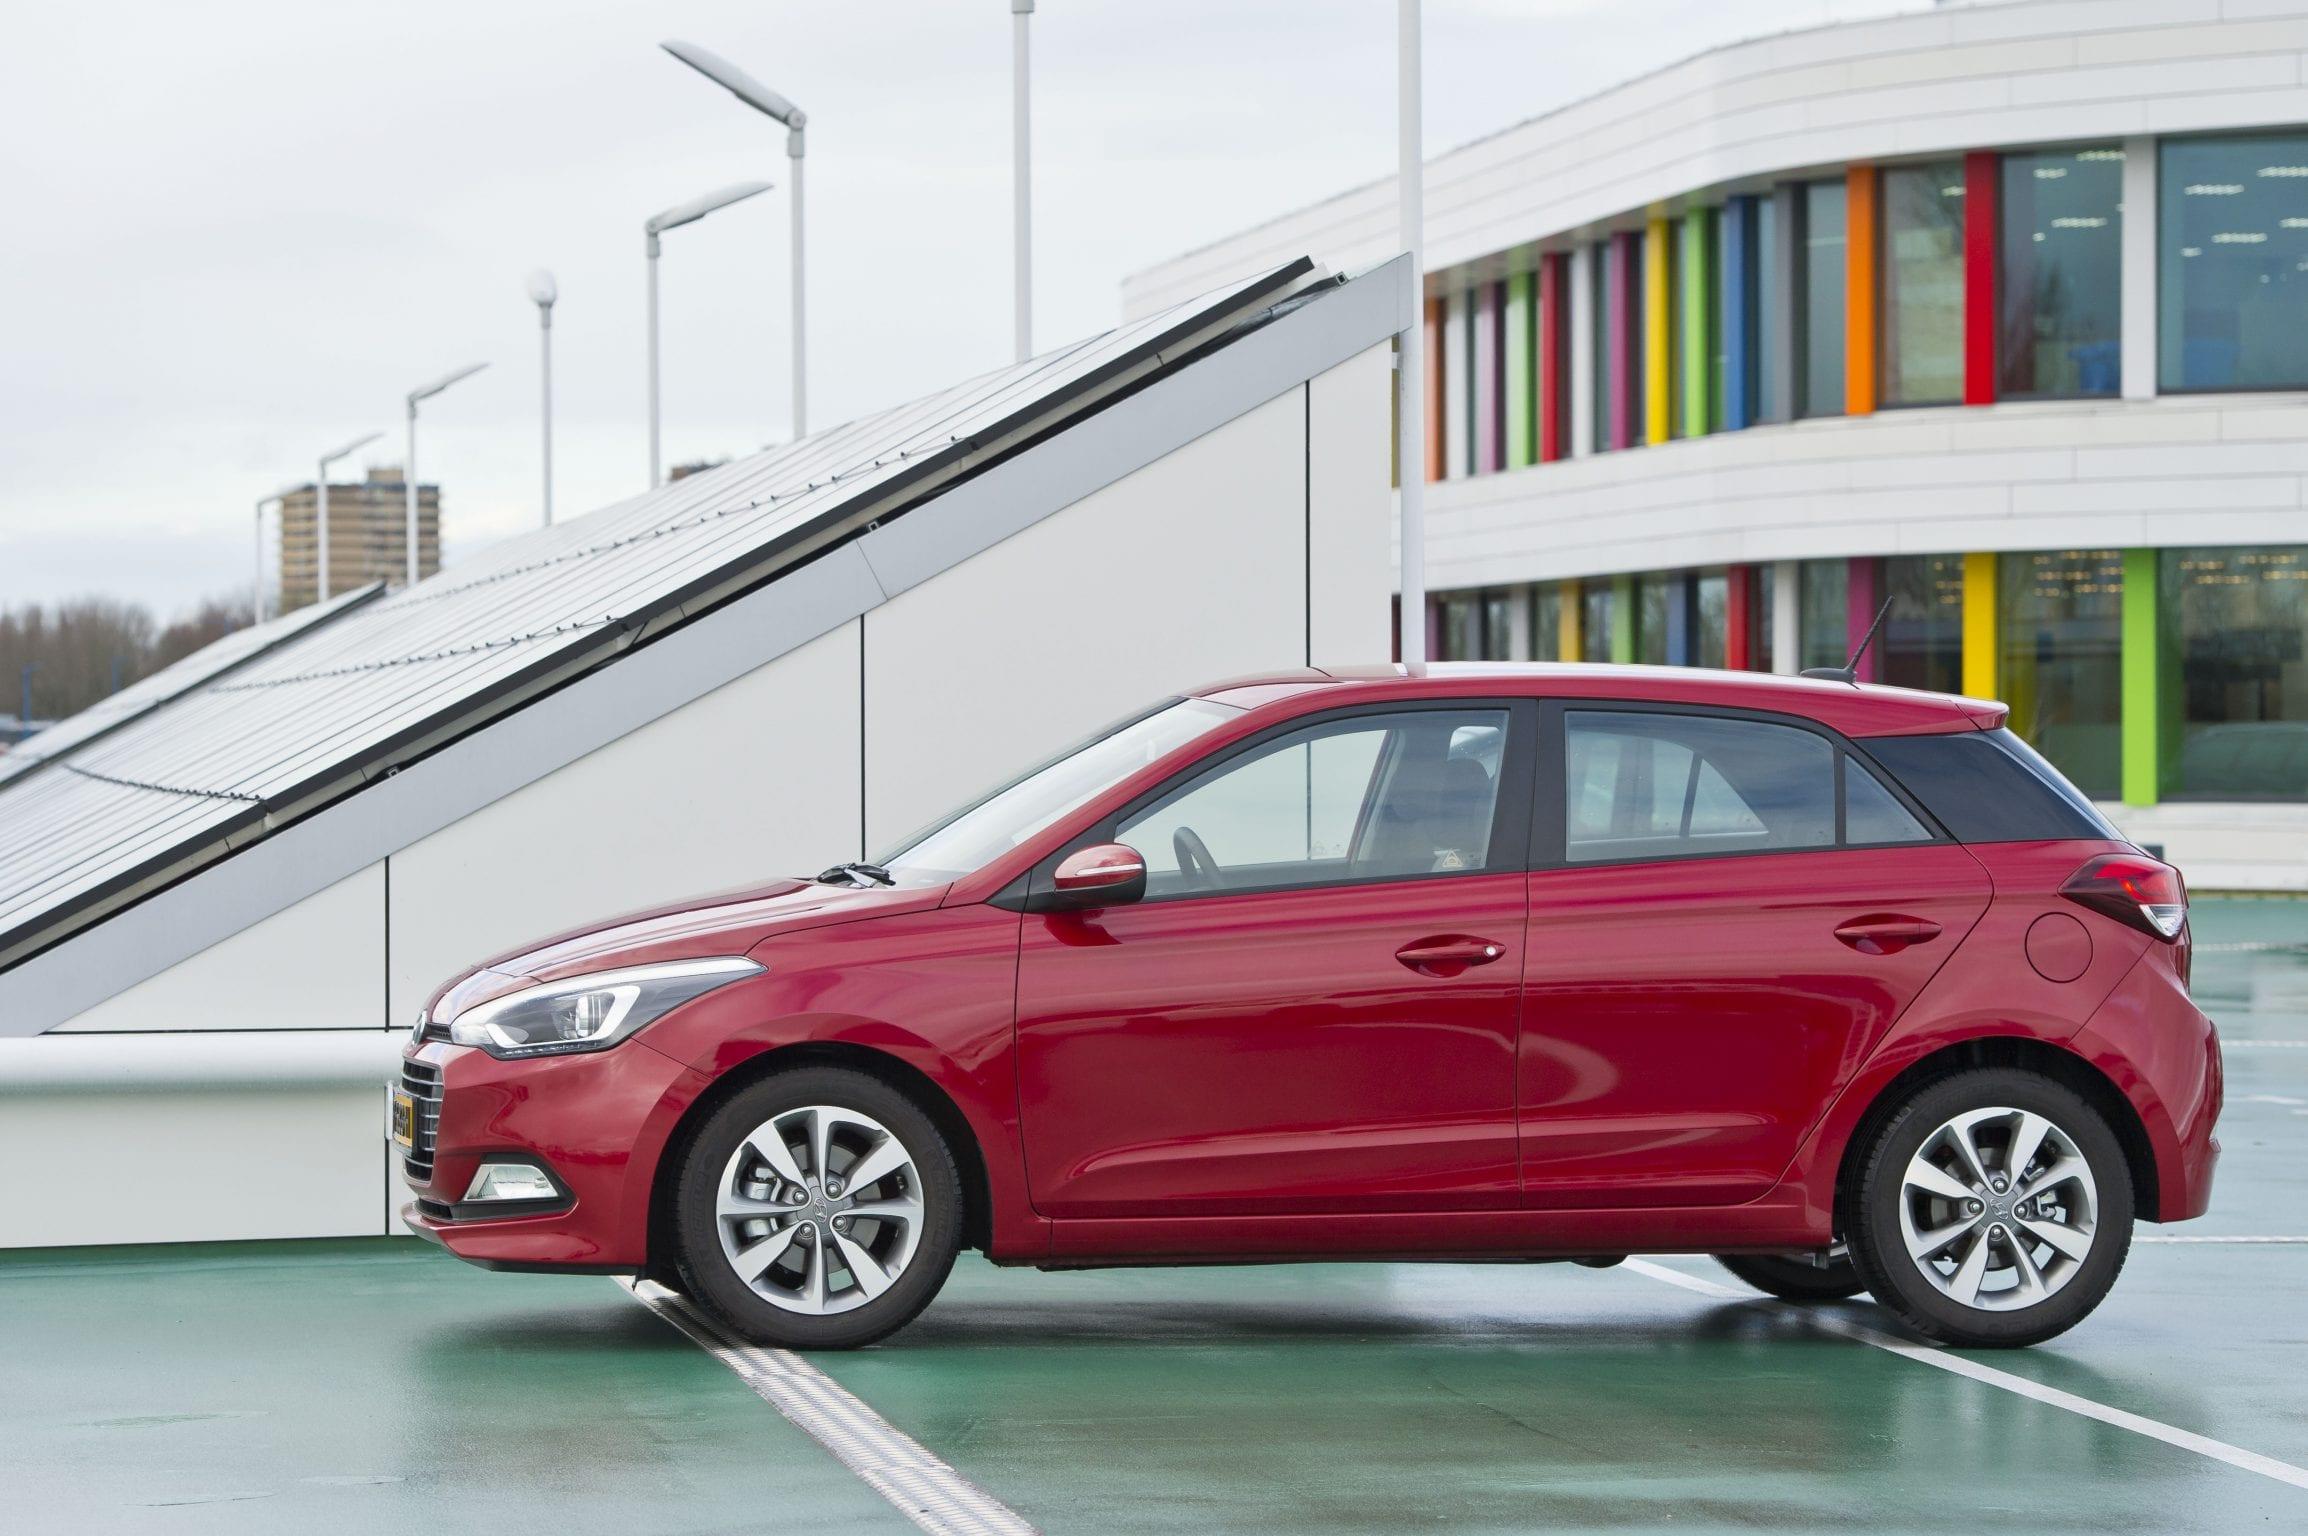 Hyundai i20 in actie bij Dijksman